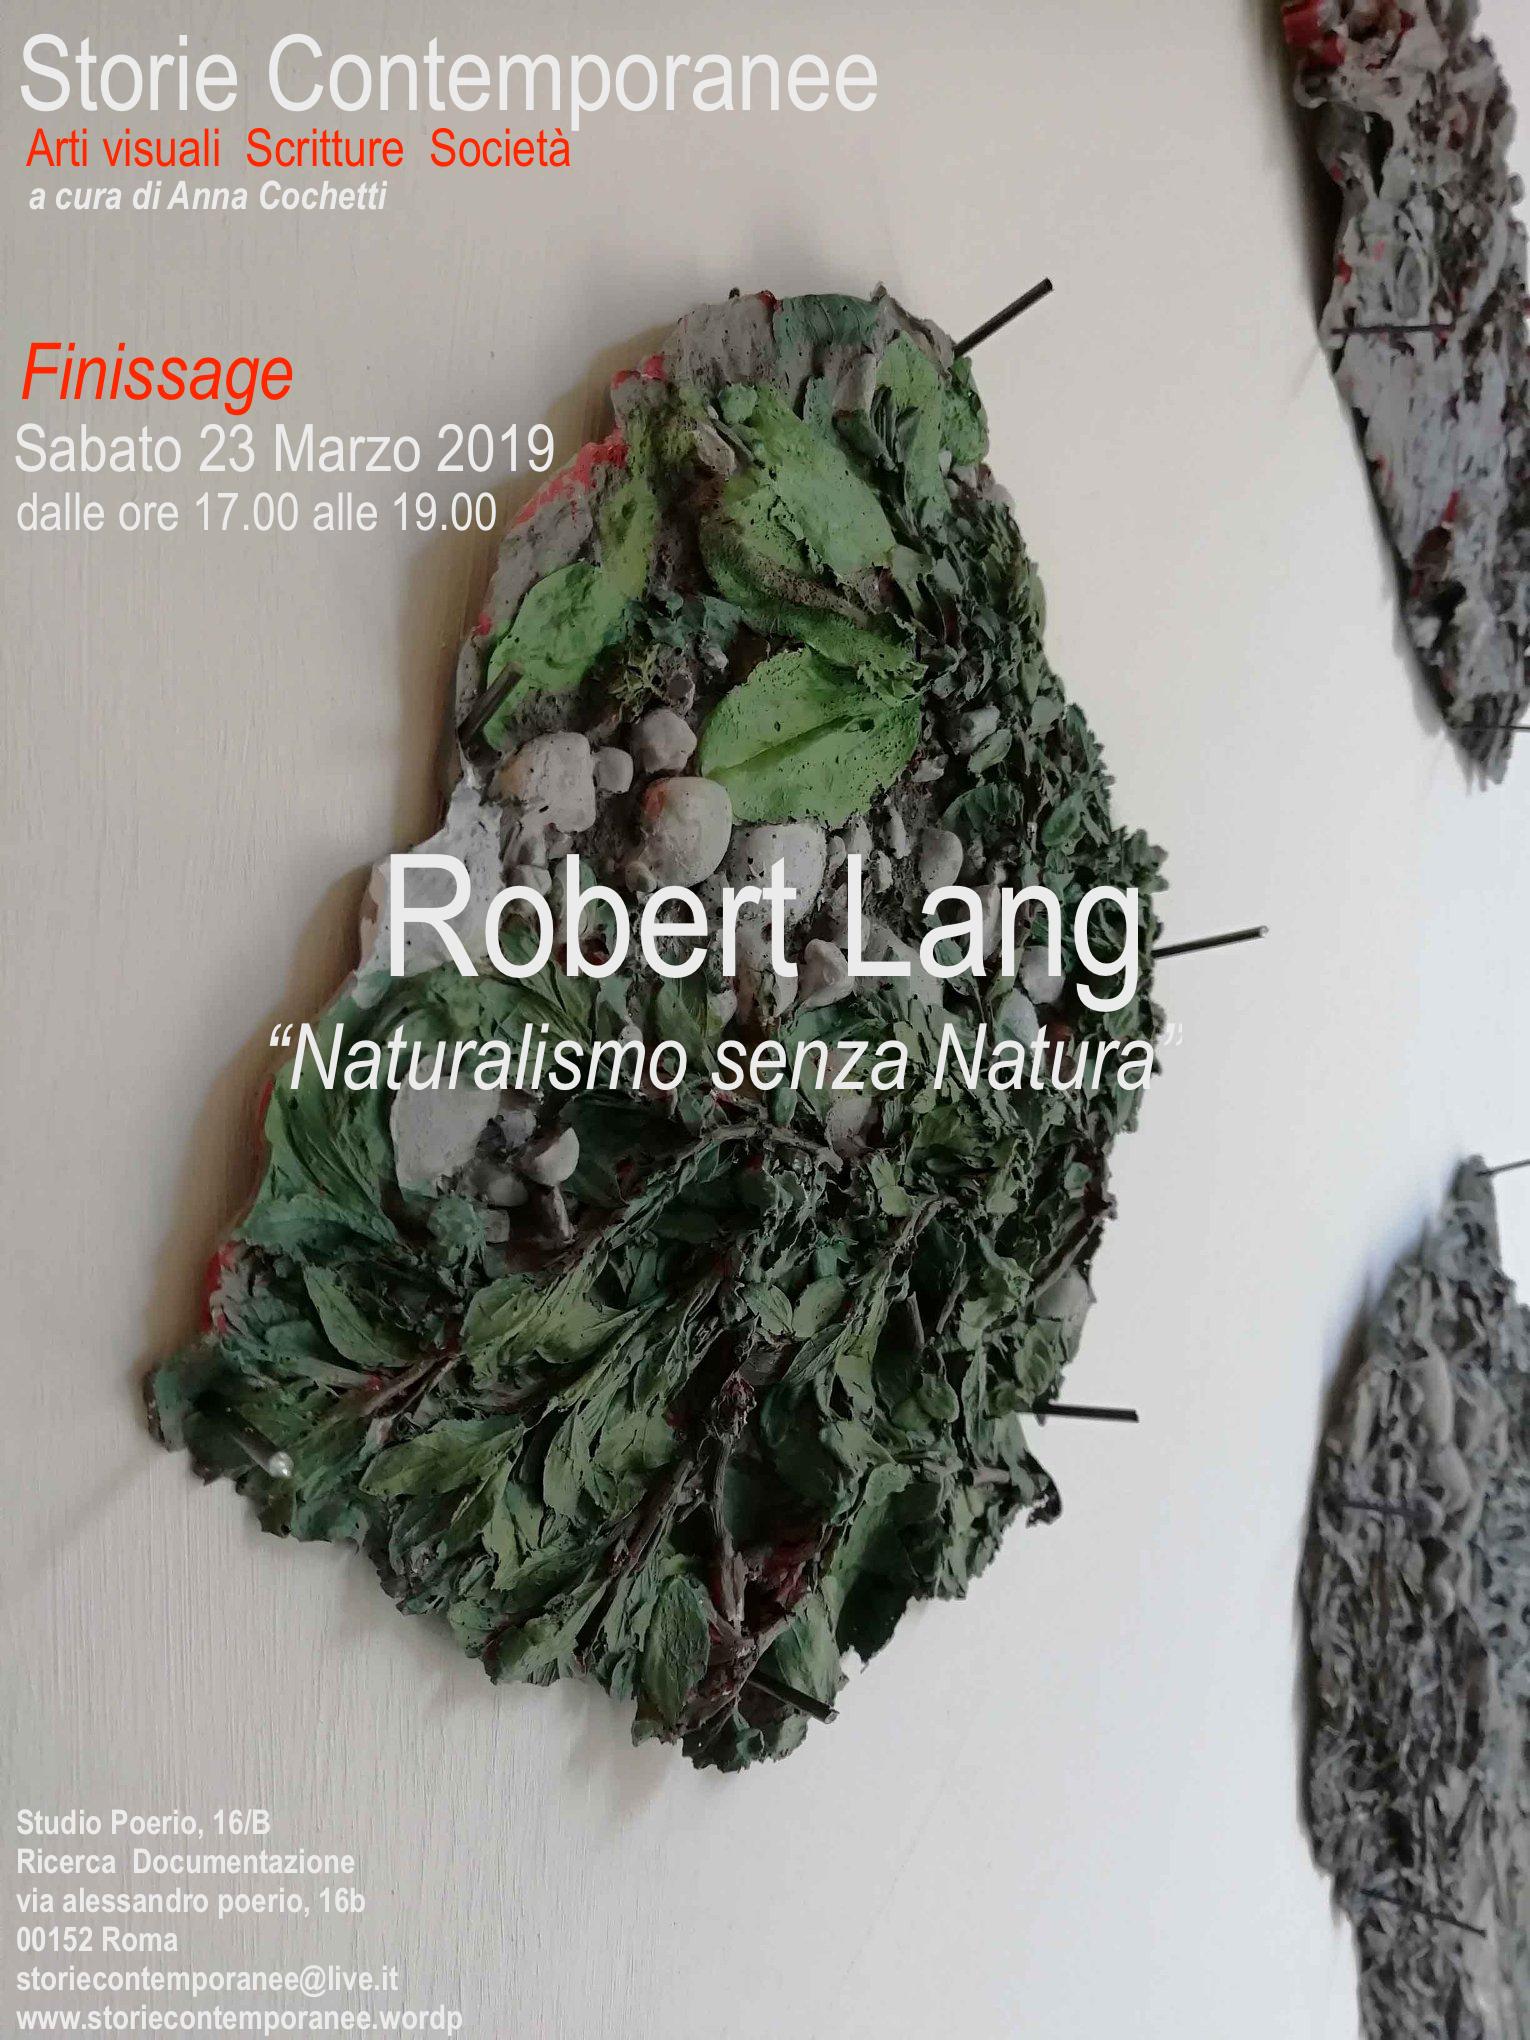 ROBERT LANG: STORIE CONTEMPORANEE – FINISSAGE